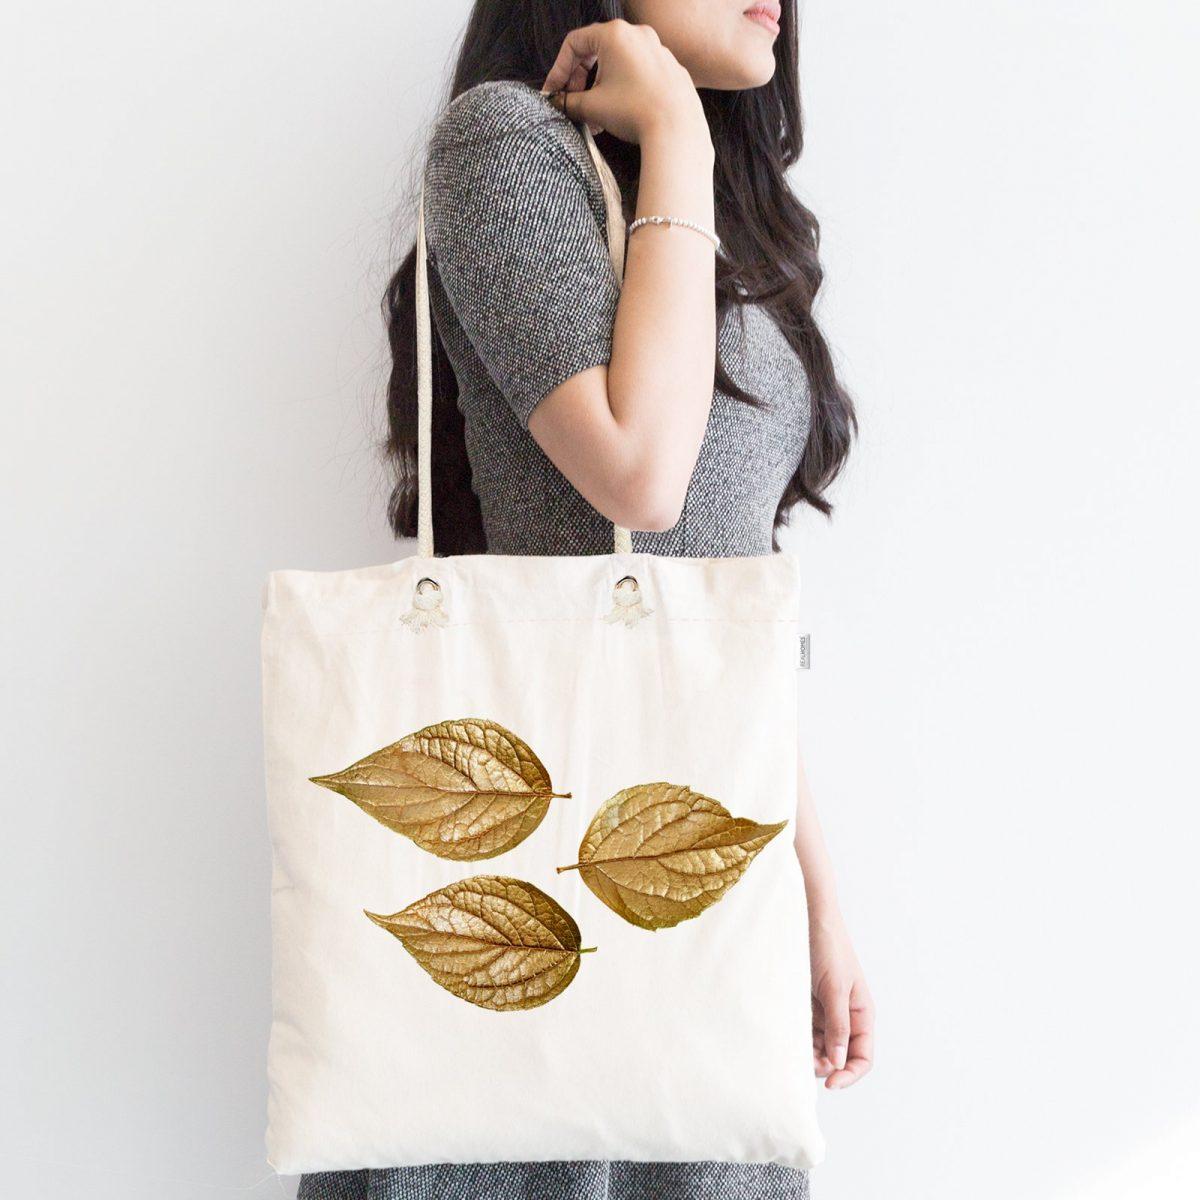 3D Altın Yapraklar Özel Tasarımlı Modern Fermuarlı Kumaş Çanta Realhomes